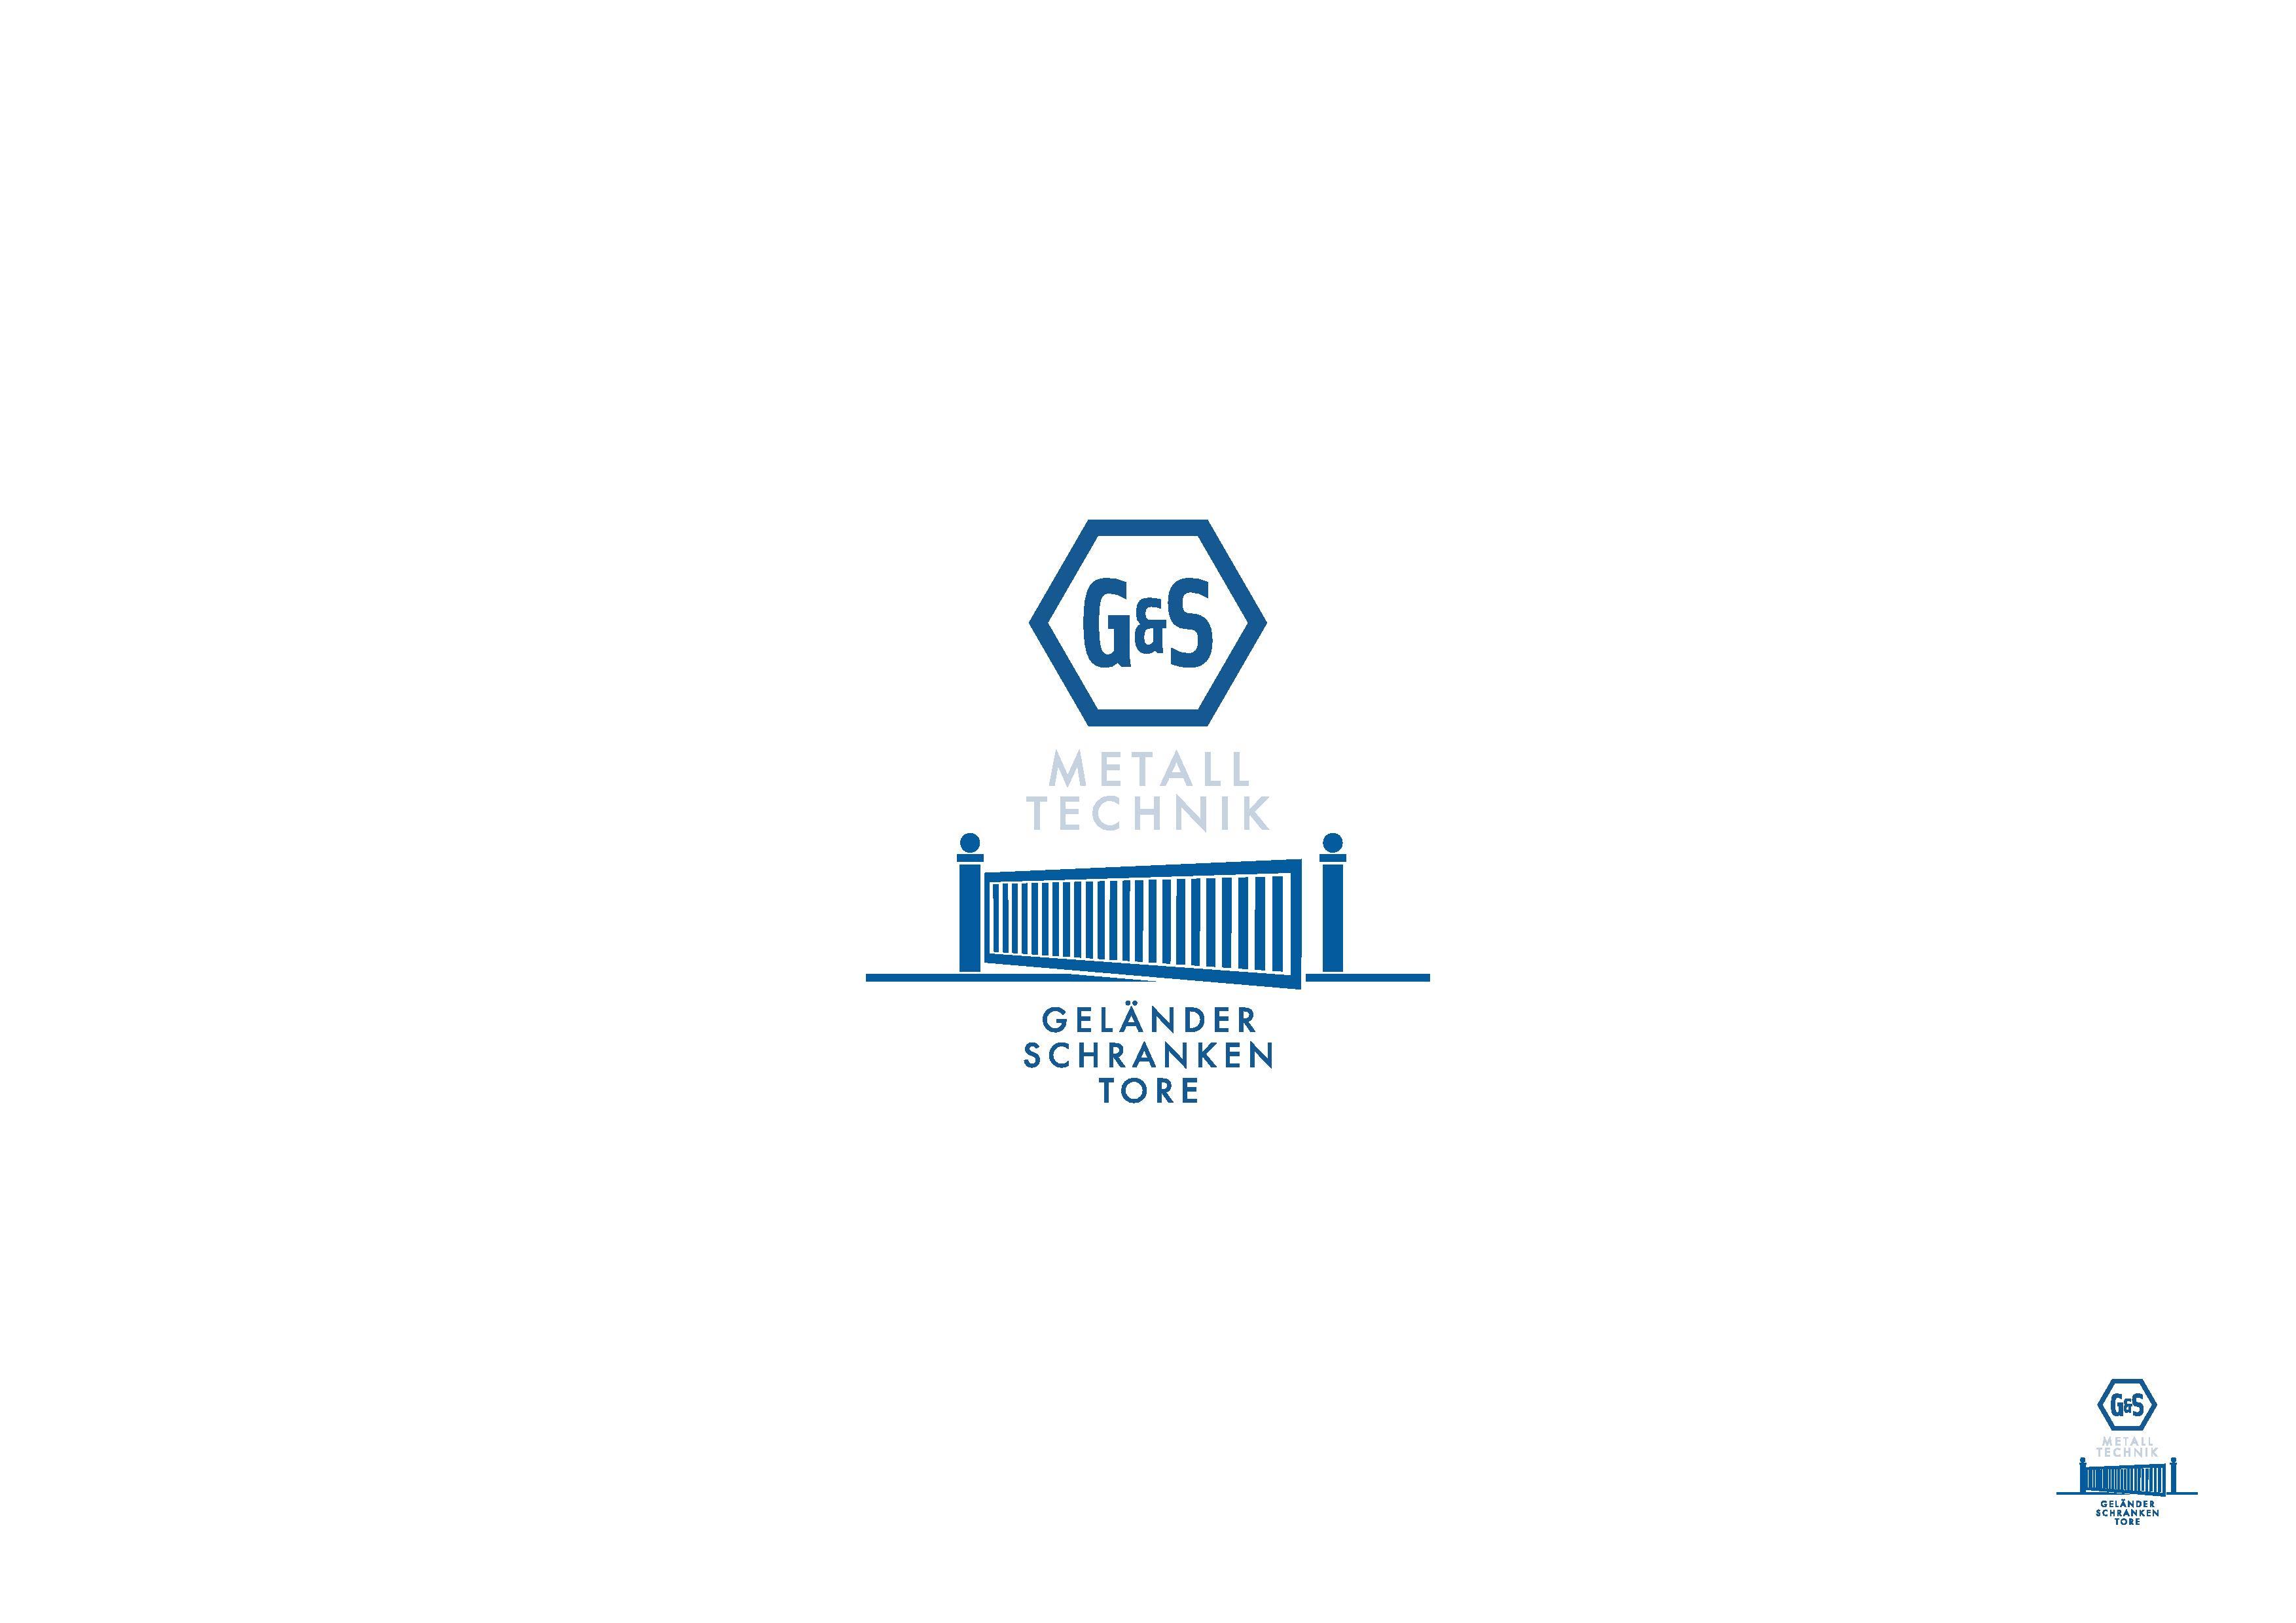 Gogl_Schwender_Logo_Präsentation_Route_03_02-page-001